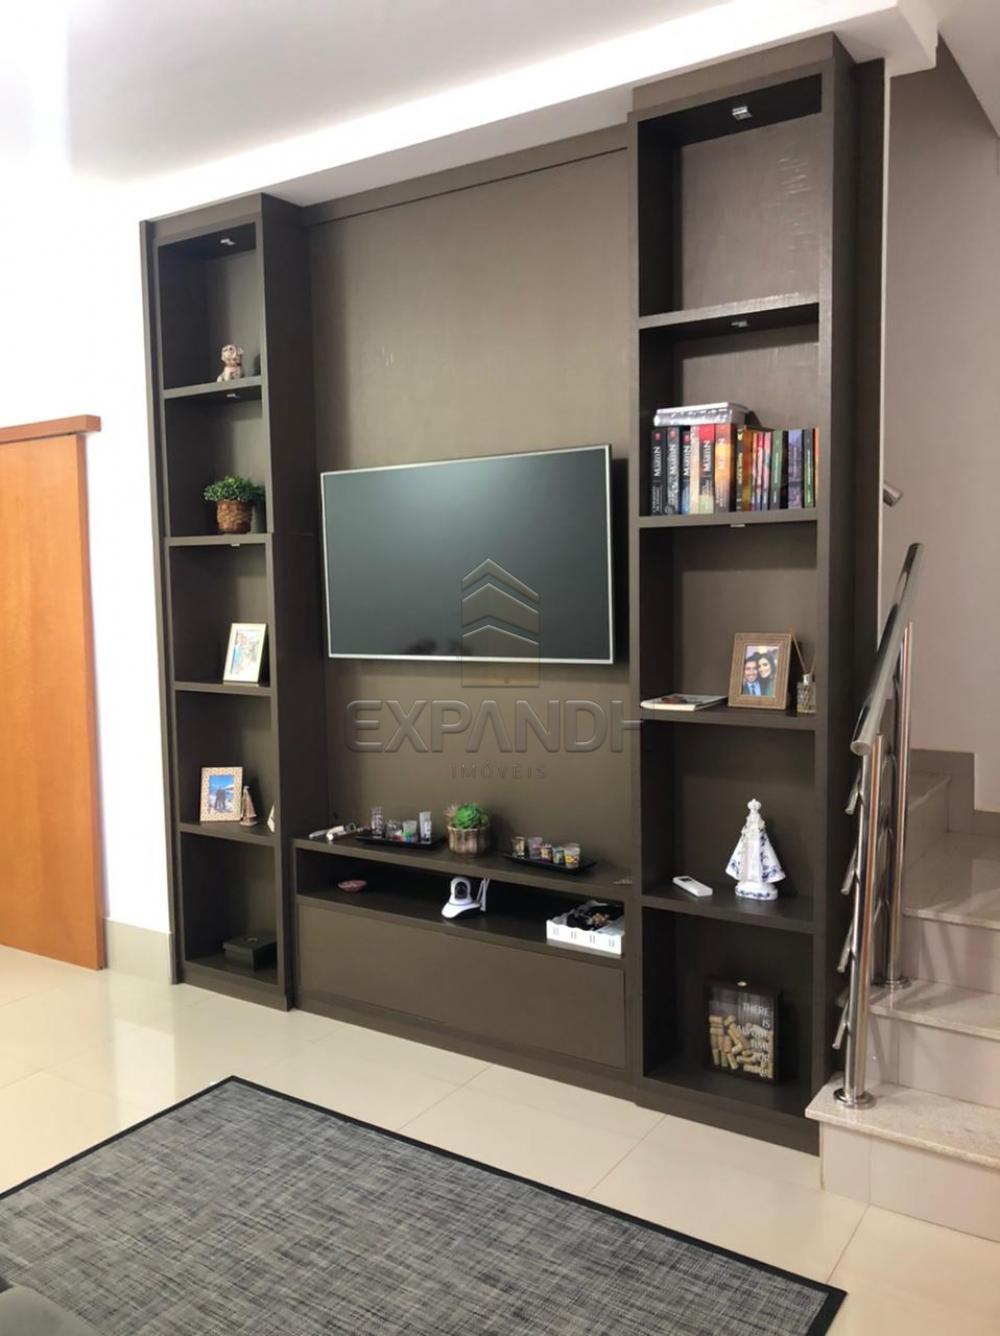 Comprar Casas / Condomínio em Sertãozinho R$ 530.000,00 - Foto 5